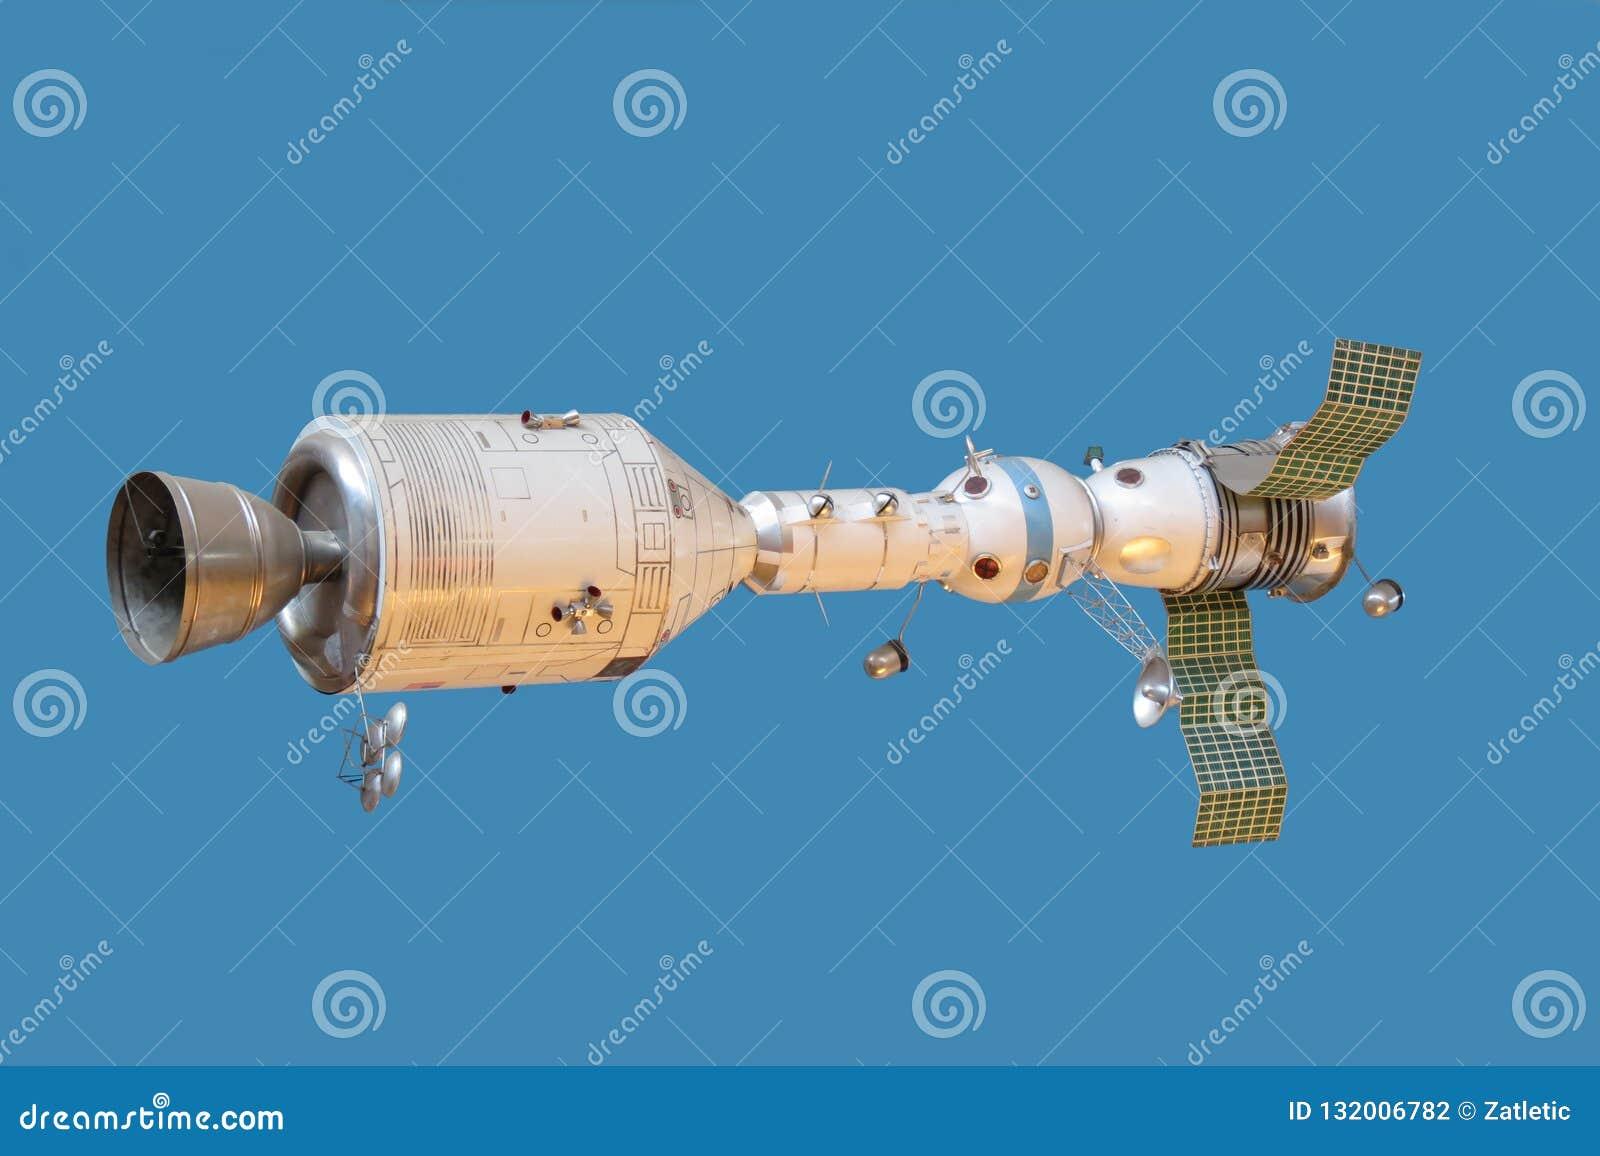 Model verbonden spaceships Apollo en Soyuz